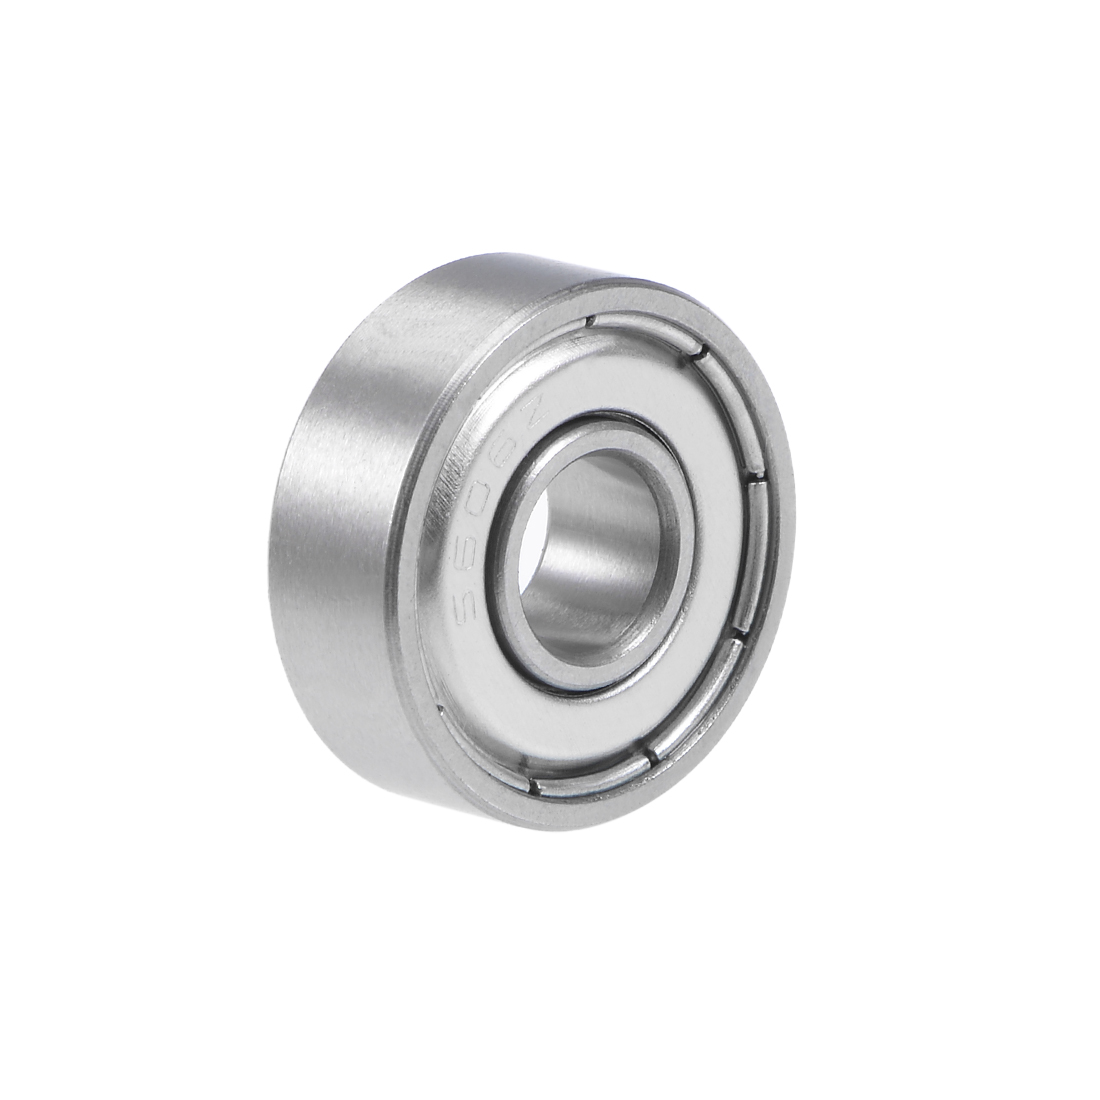 S606ZZ Stainless Steel Bearing 6x17x6mm Double Shielded 606Z Bearings (Z2 Lever)